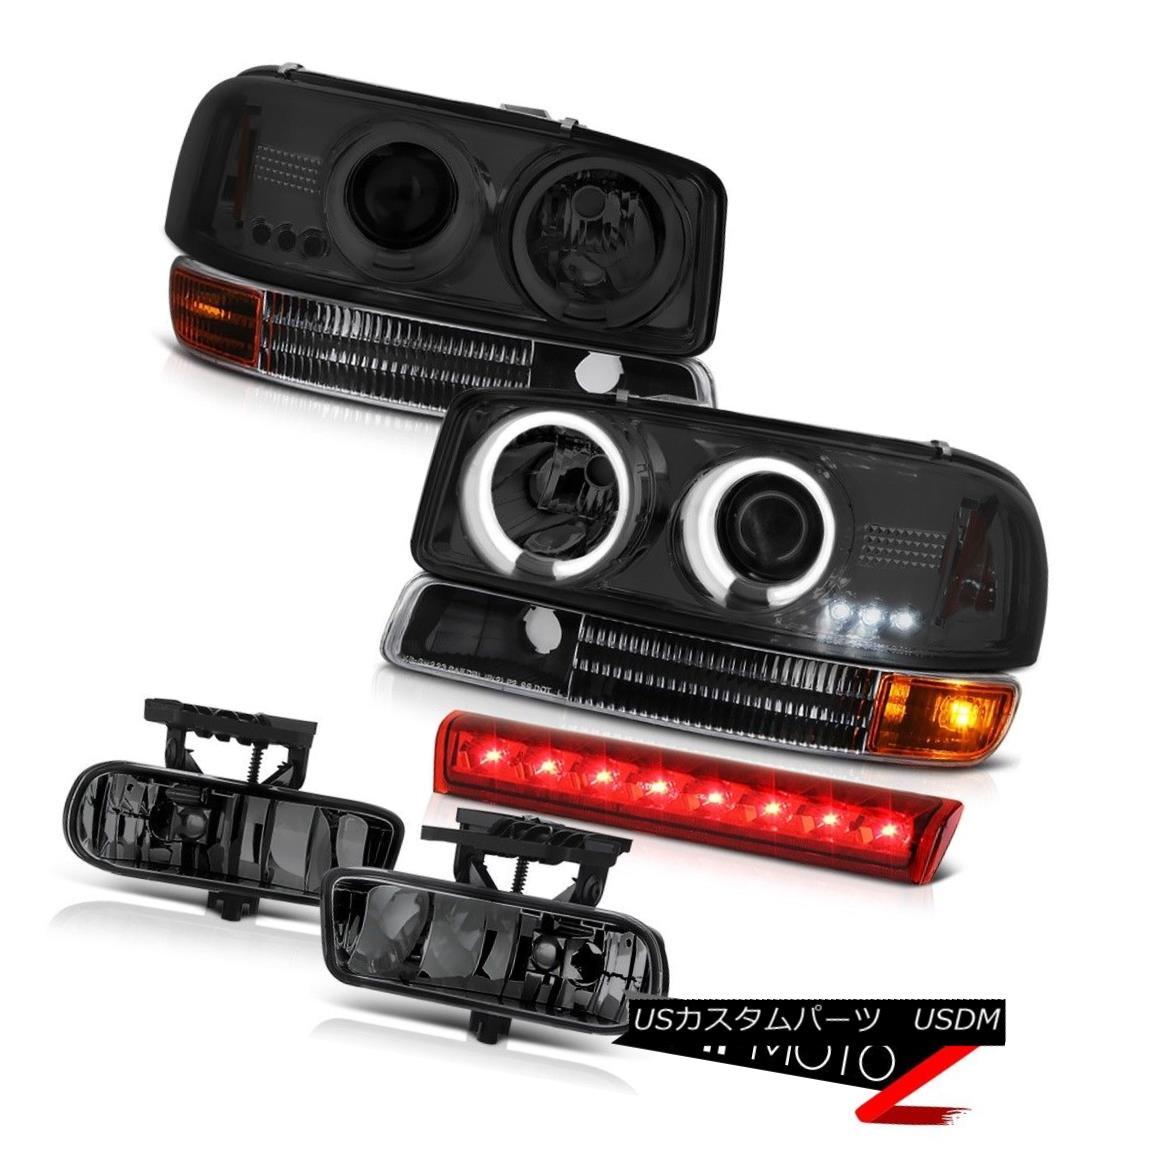 ヘッドライト 2000-2006 Yukon CCFL Angel Eye Headlights Signal Bumper Fog Lamp Cargo Brake LED 2000-2006ユーコンCCFLエンジェルアイヘッドライト信号バンパーフォグランプカーゴブレーキLED